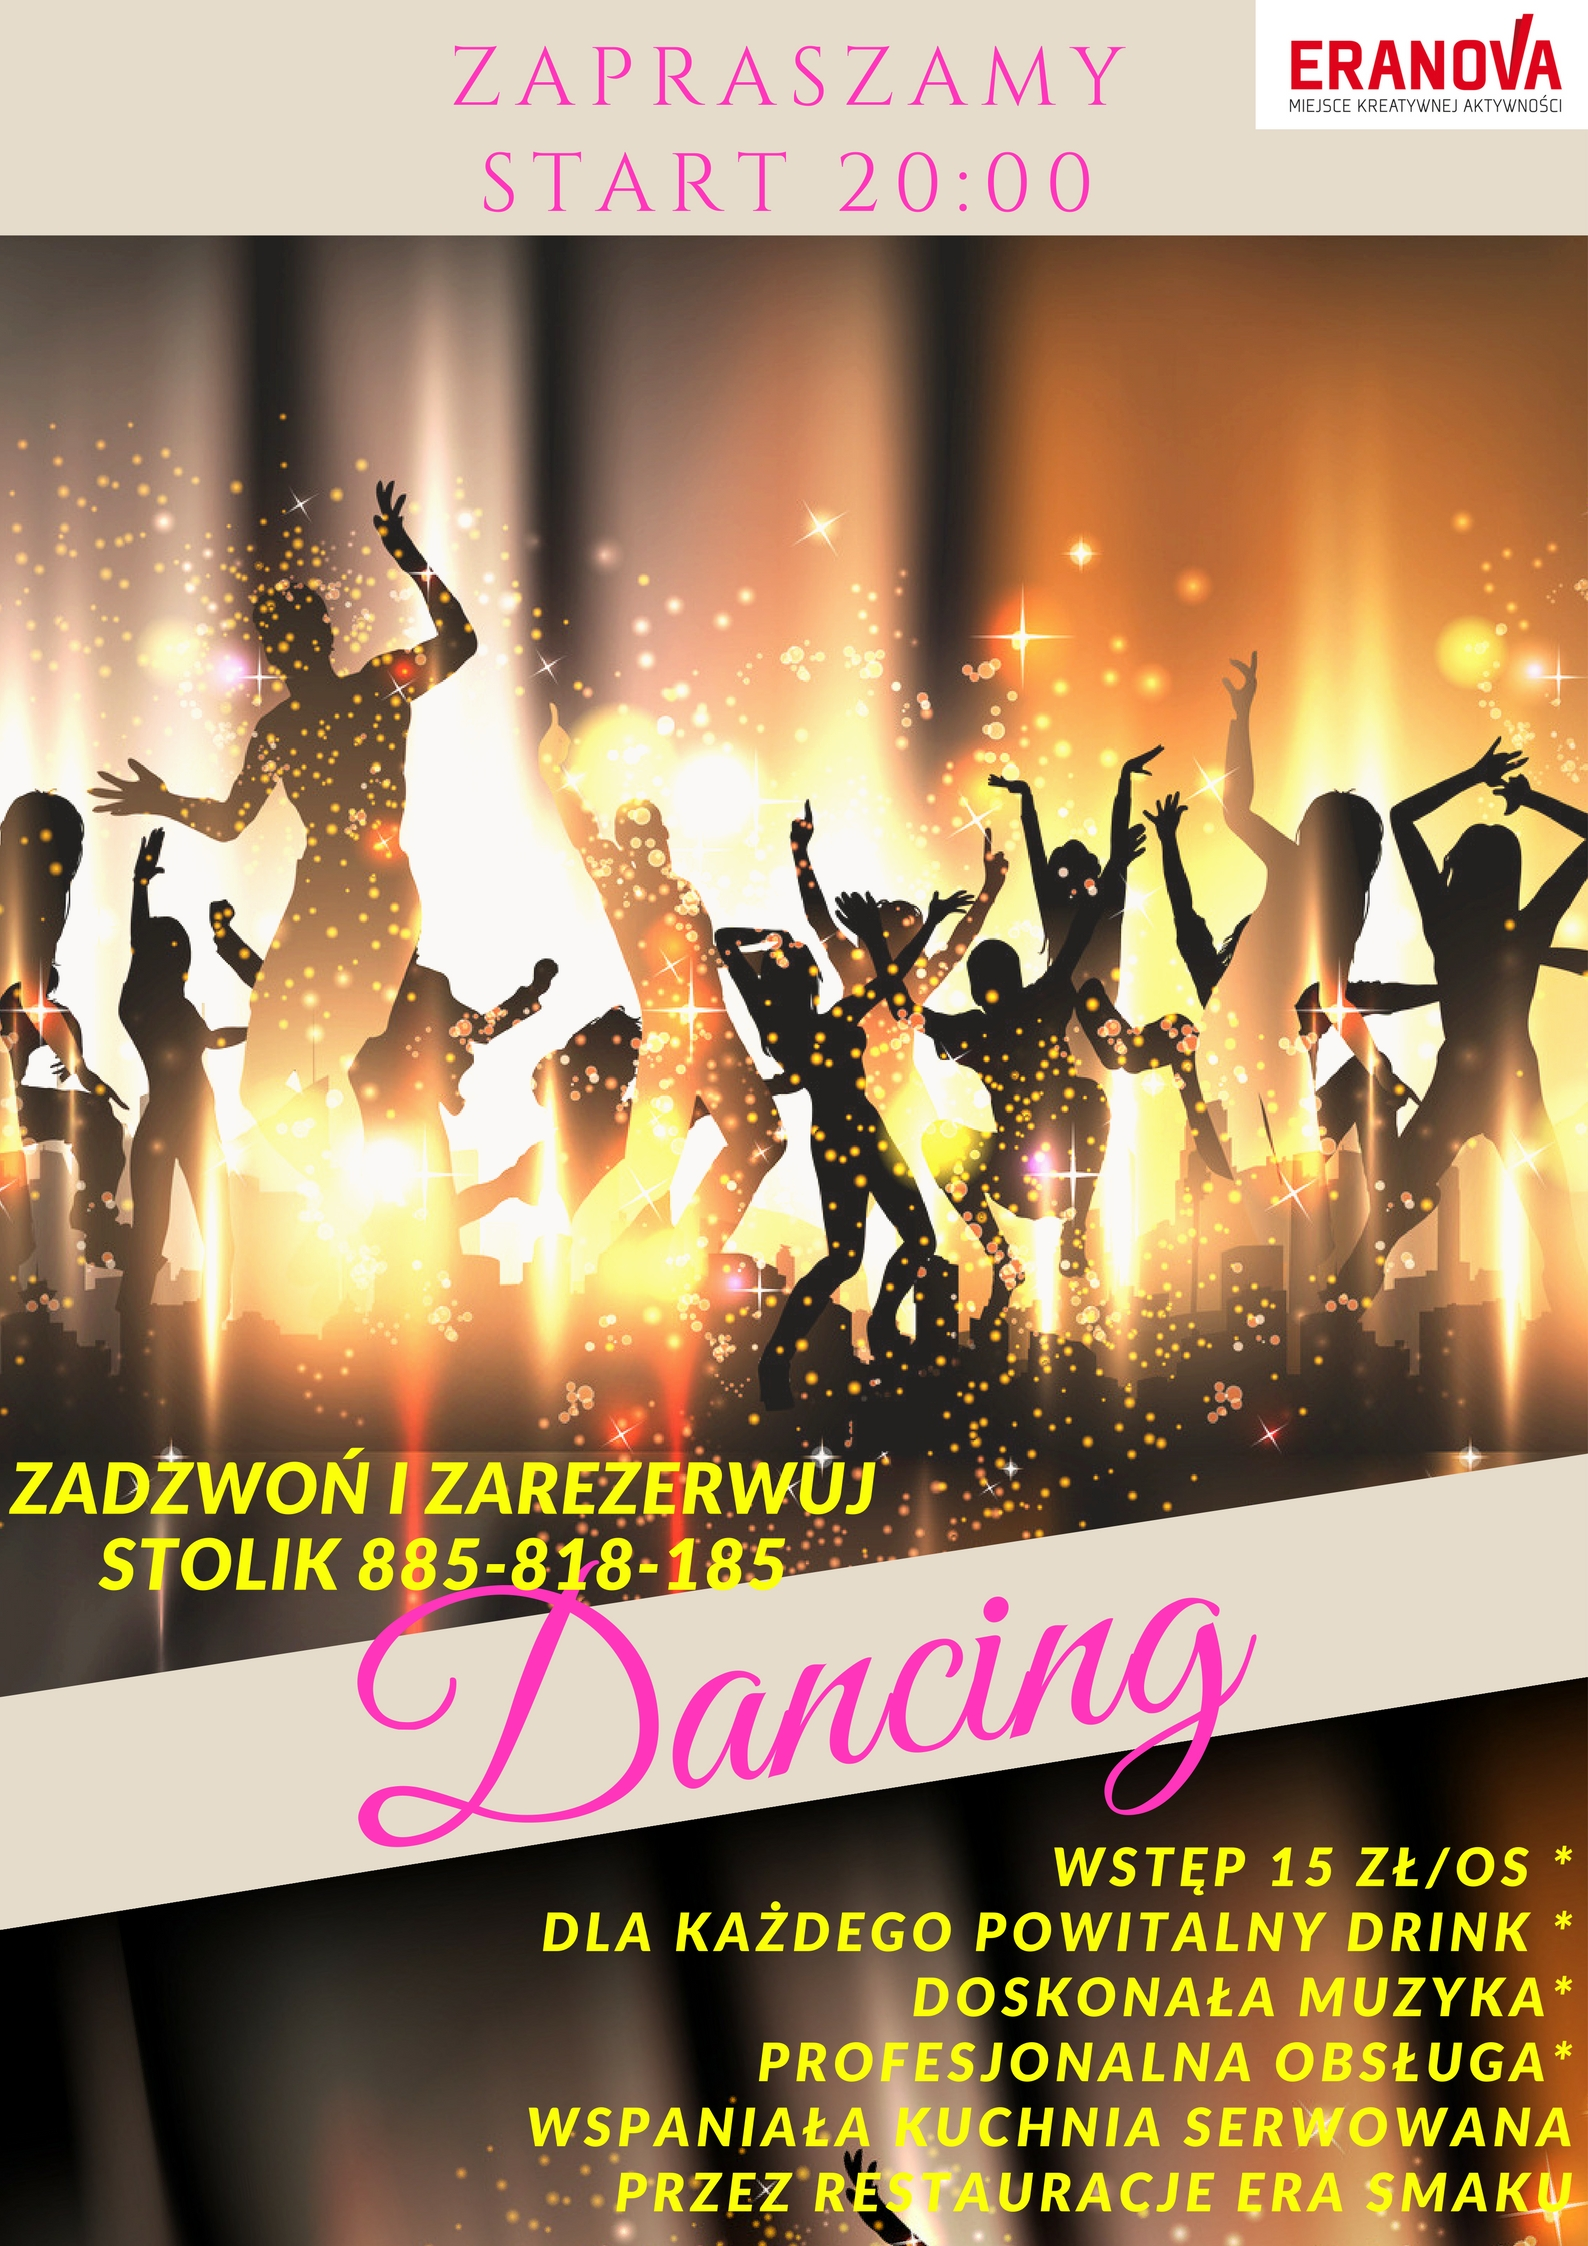 http://m.eranova.pl/2017/04/orig/dancing-2321.jpg